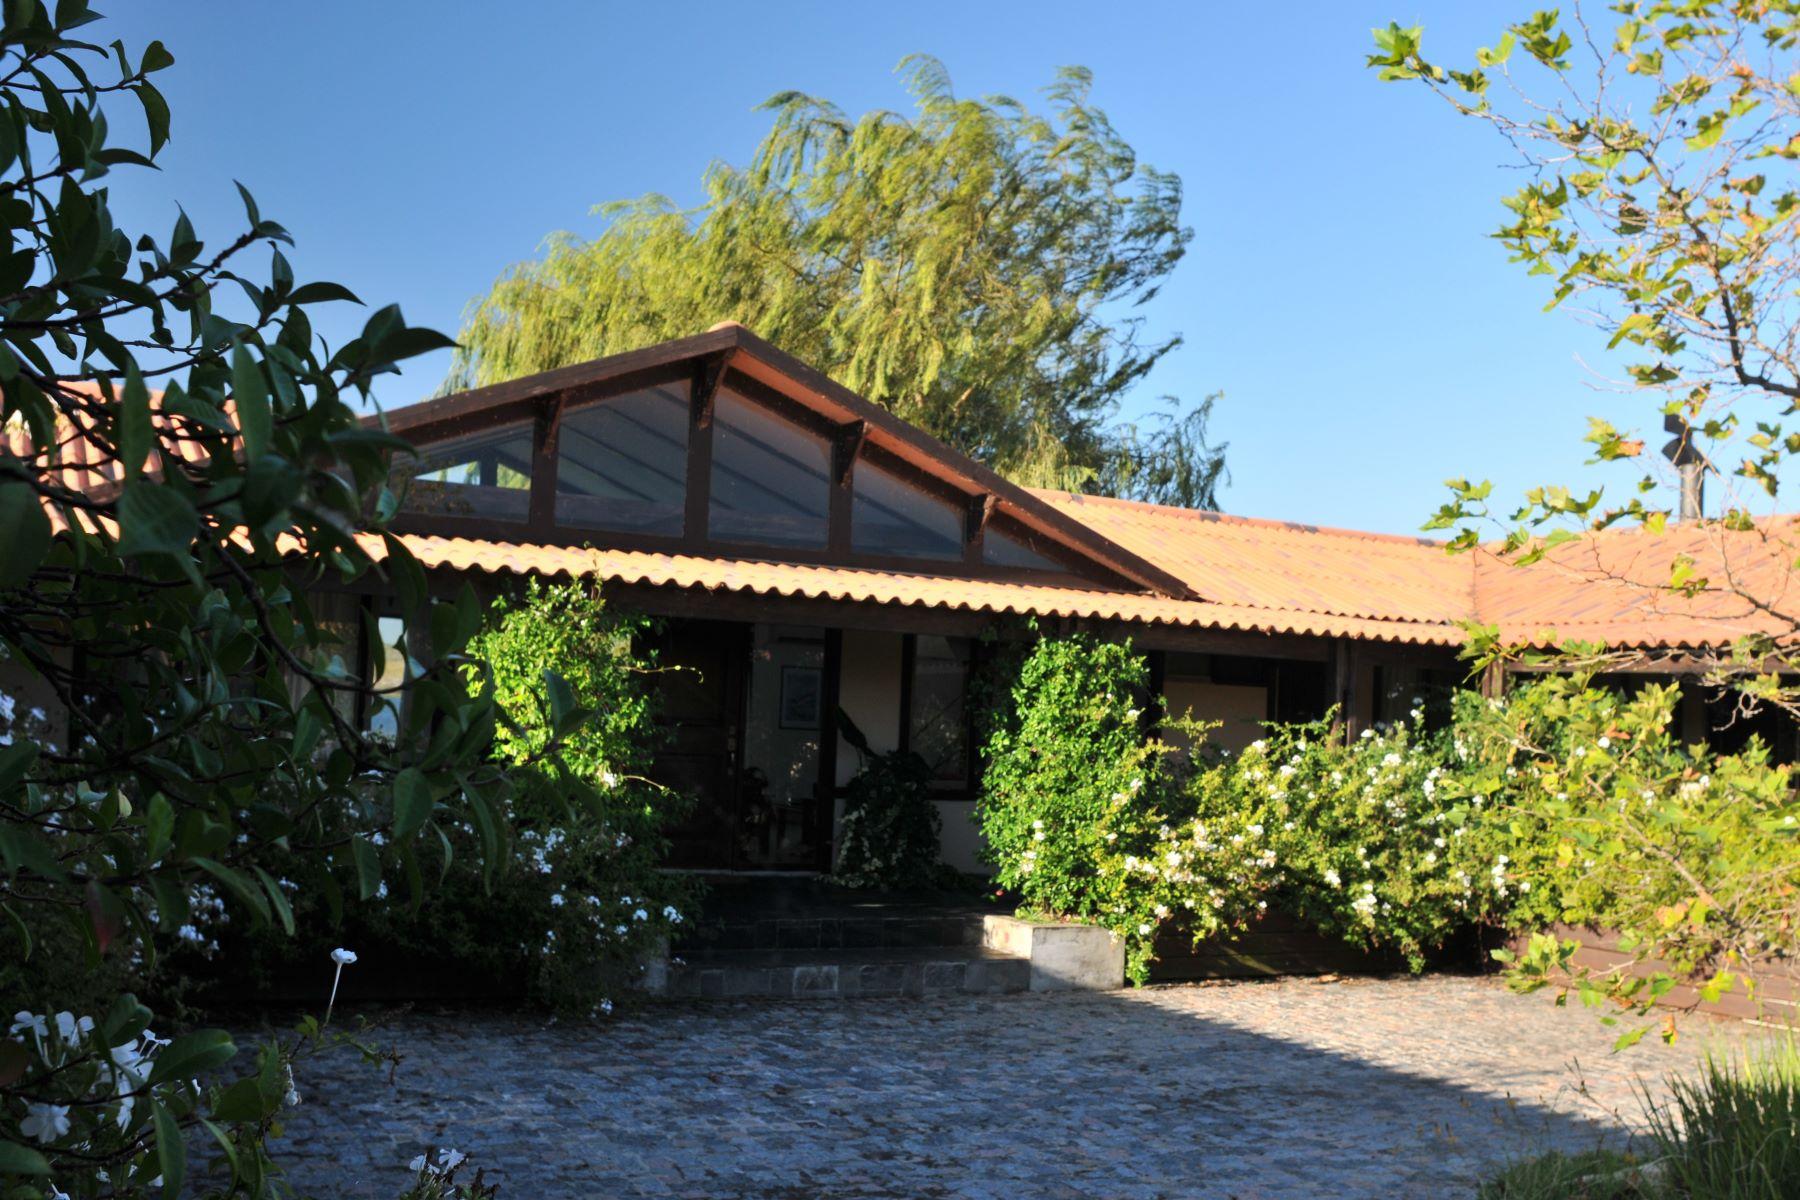 独户住宅 为 销售 在 Laguna Retreat 马尔多纳多, 马尔多纳多, 乌拉圭